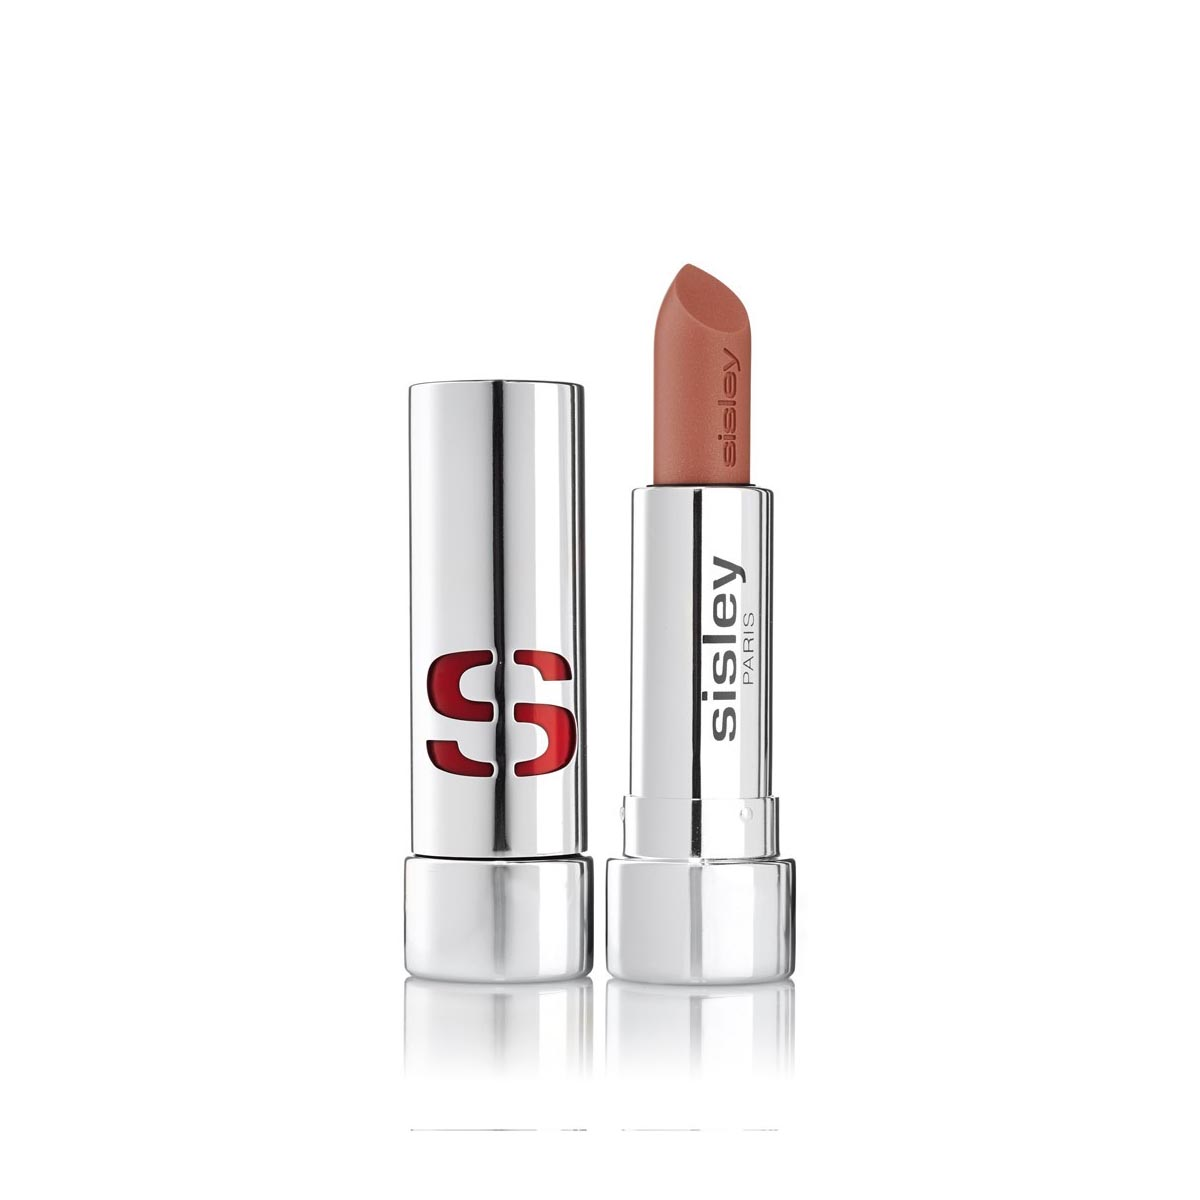 Sisley phyto lip shine sheer 01 nude